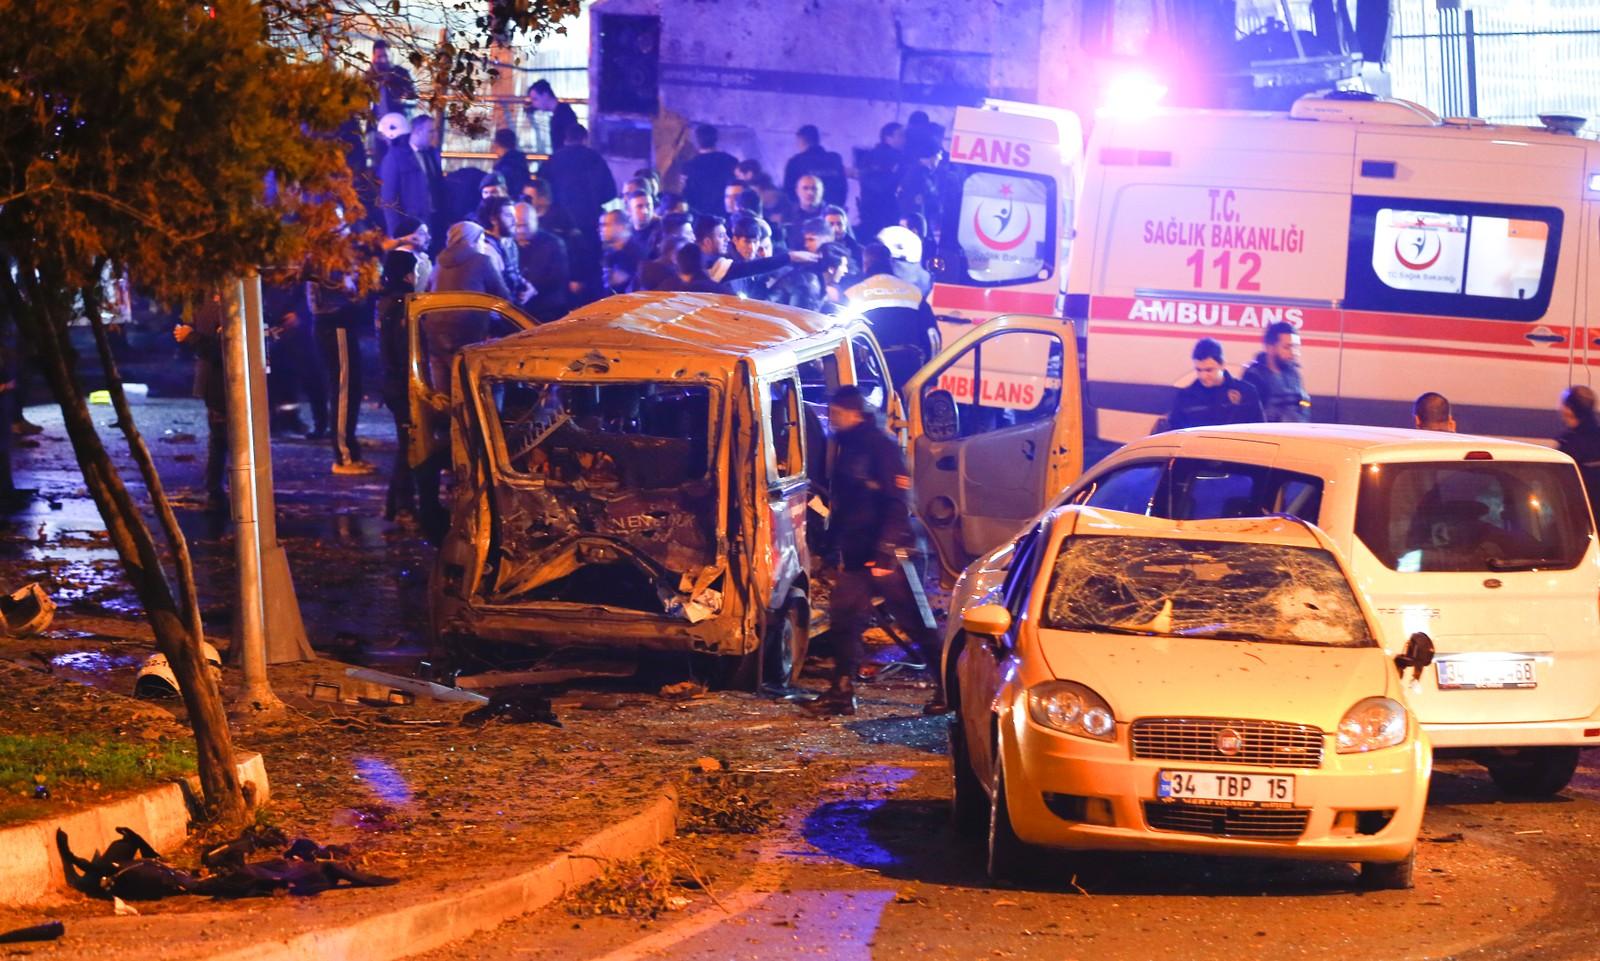 En utbrent bil i Istanbul på stedet som skal ha blitt rammet av to eksplosjoner.